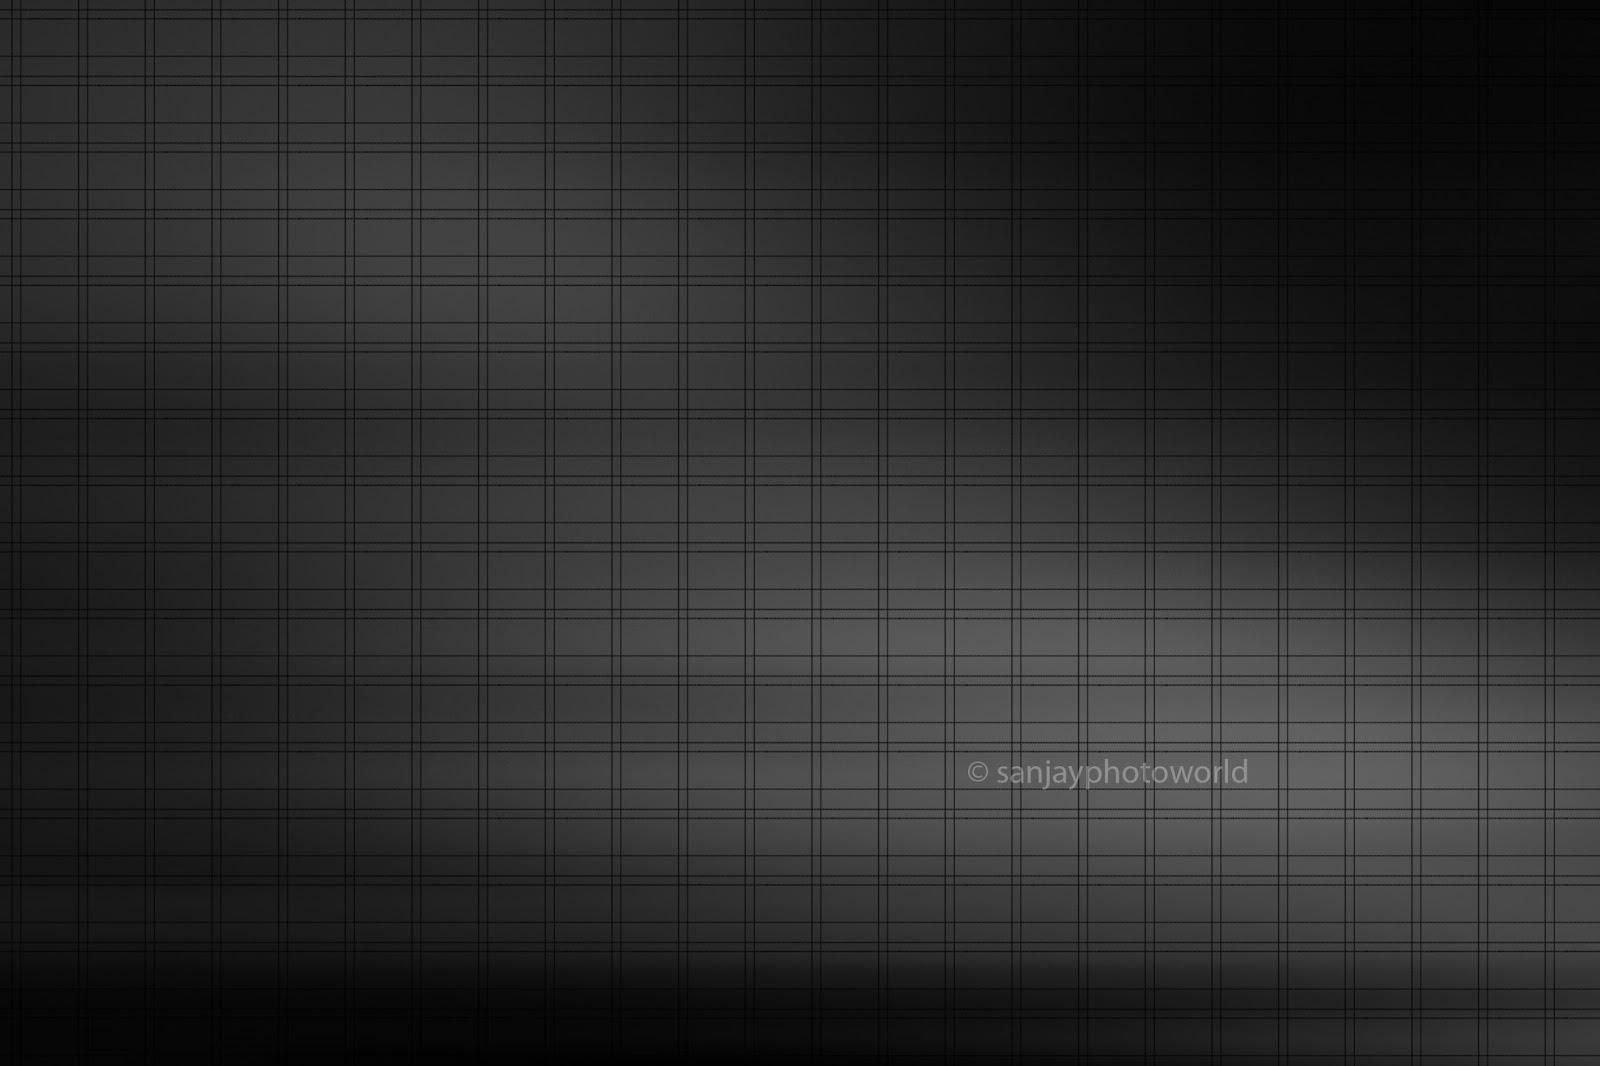 sanjay photo world pattern backgrounds vol 01